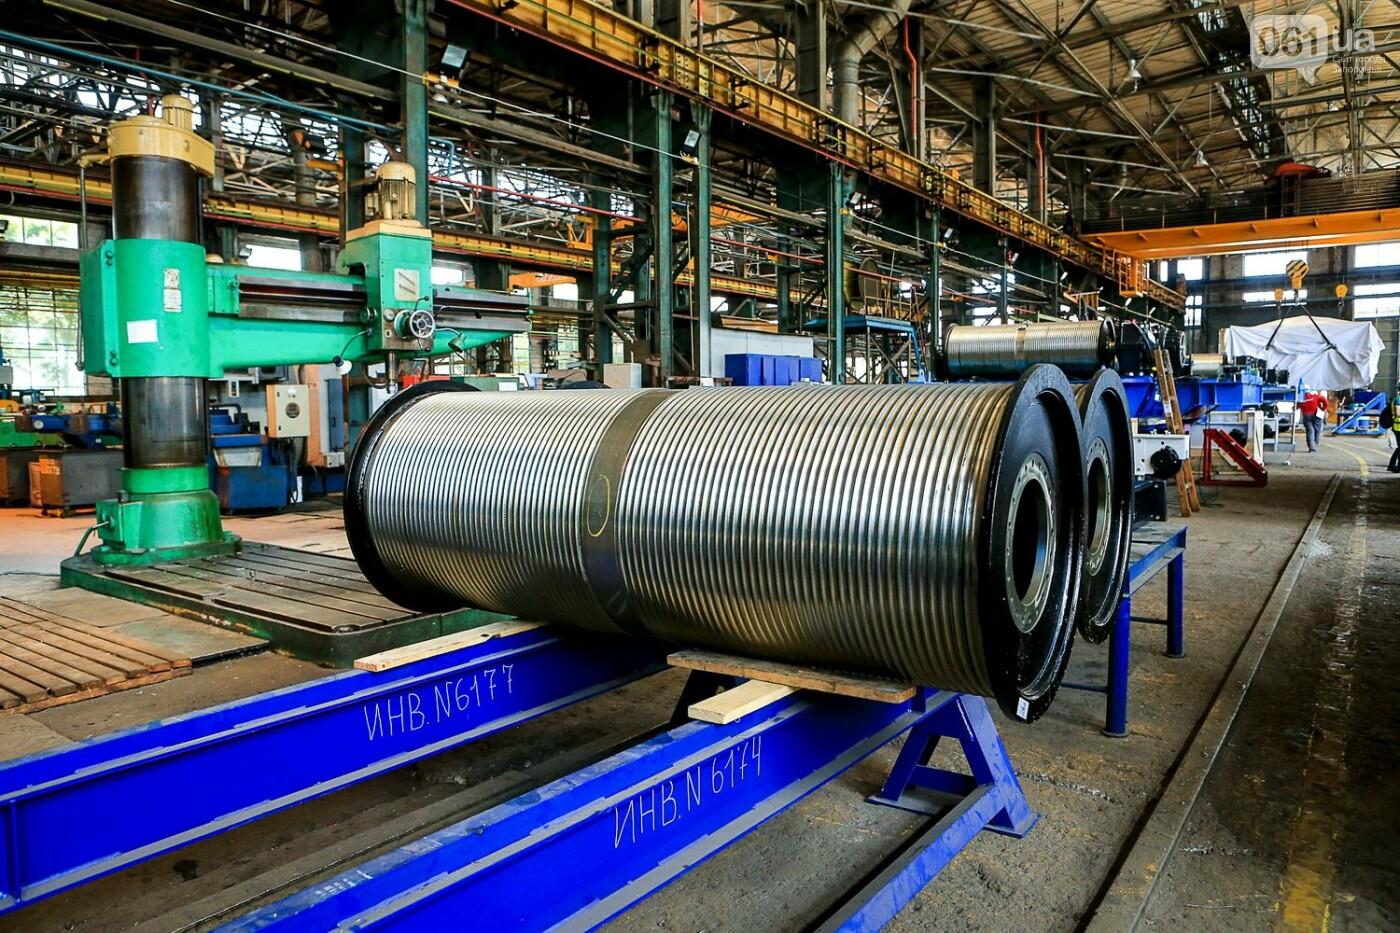 Как в Запорожье работает крупнейший в Европе завод по производству кранов: экскурсия на производство, — ФОТОРЕПОРТАЖ, фото-59